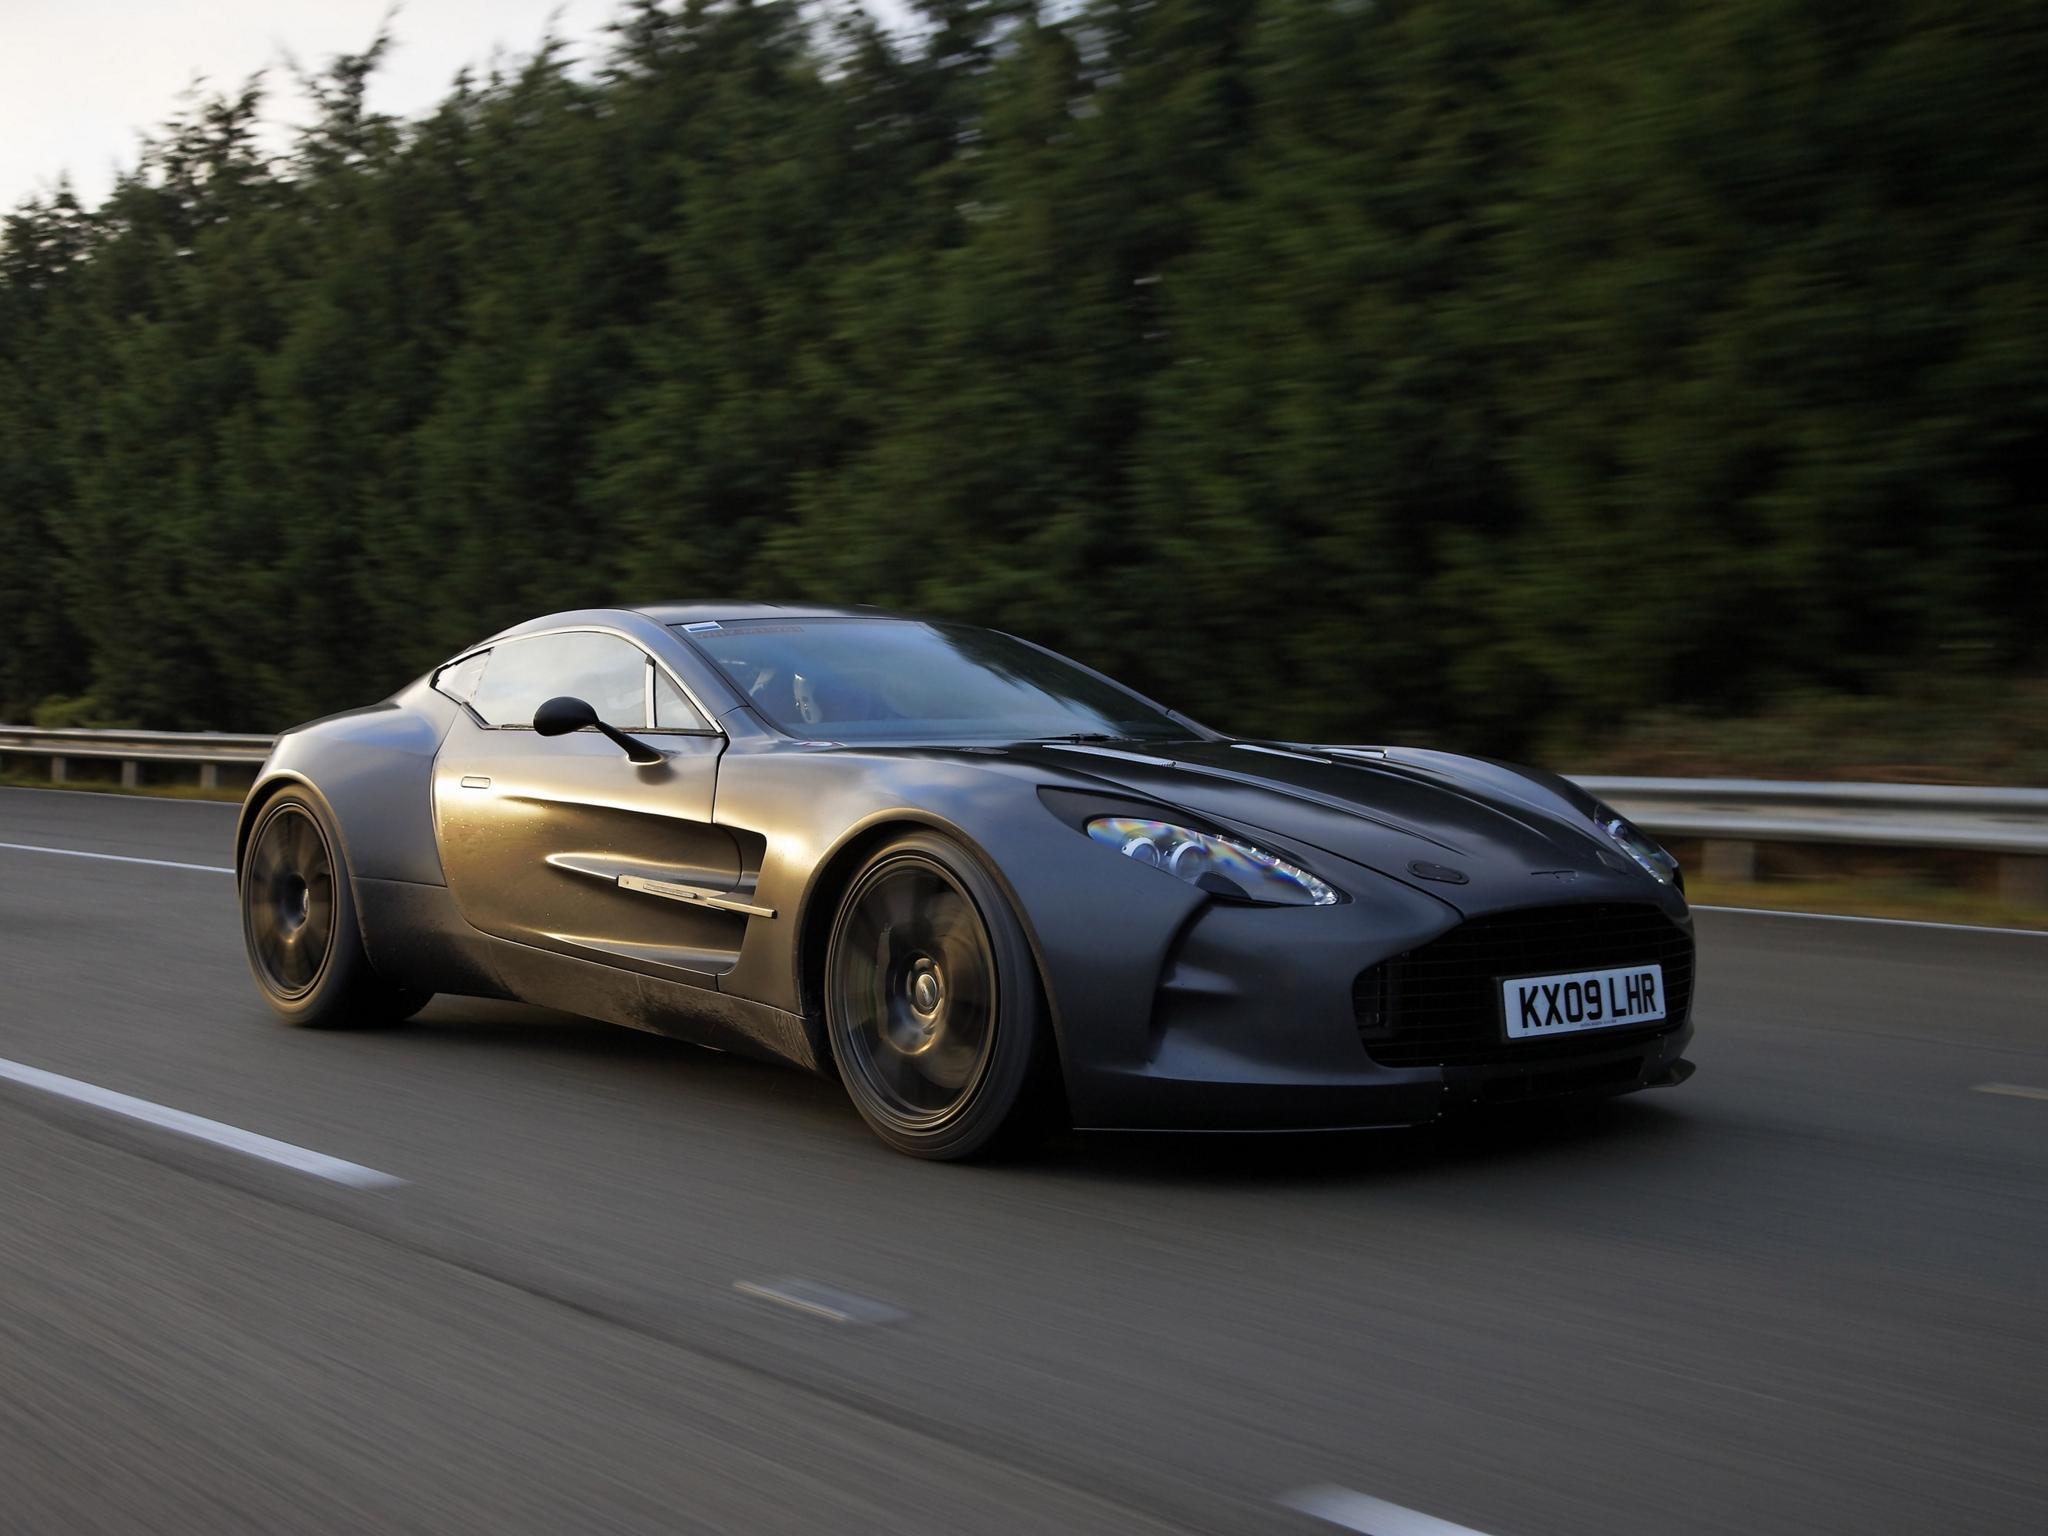 87868 télécharger le fond d'écran Voitures, Aston Martin, Un-77, Prototype De Voiture, Concept-Car, 2009, Le Noir, Vue De Côté, Sport, Arbres - économiseurs d'écran et images gratuitement